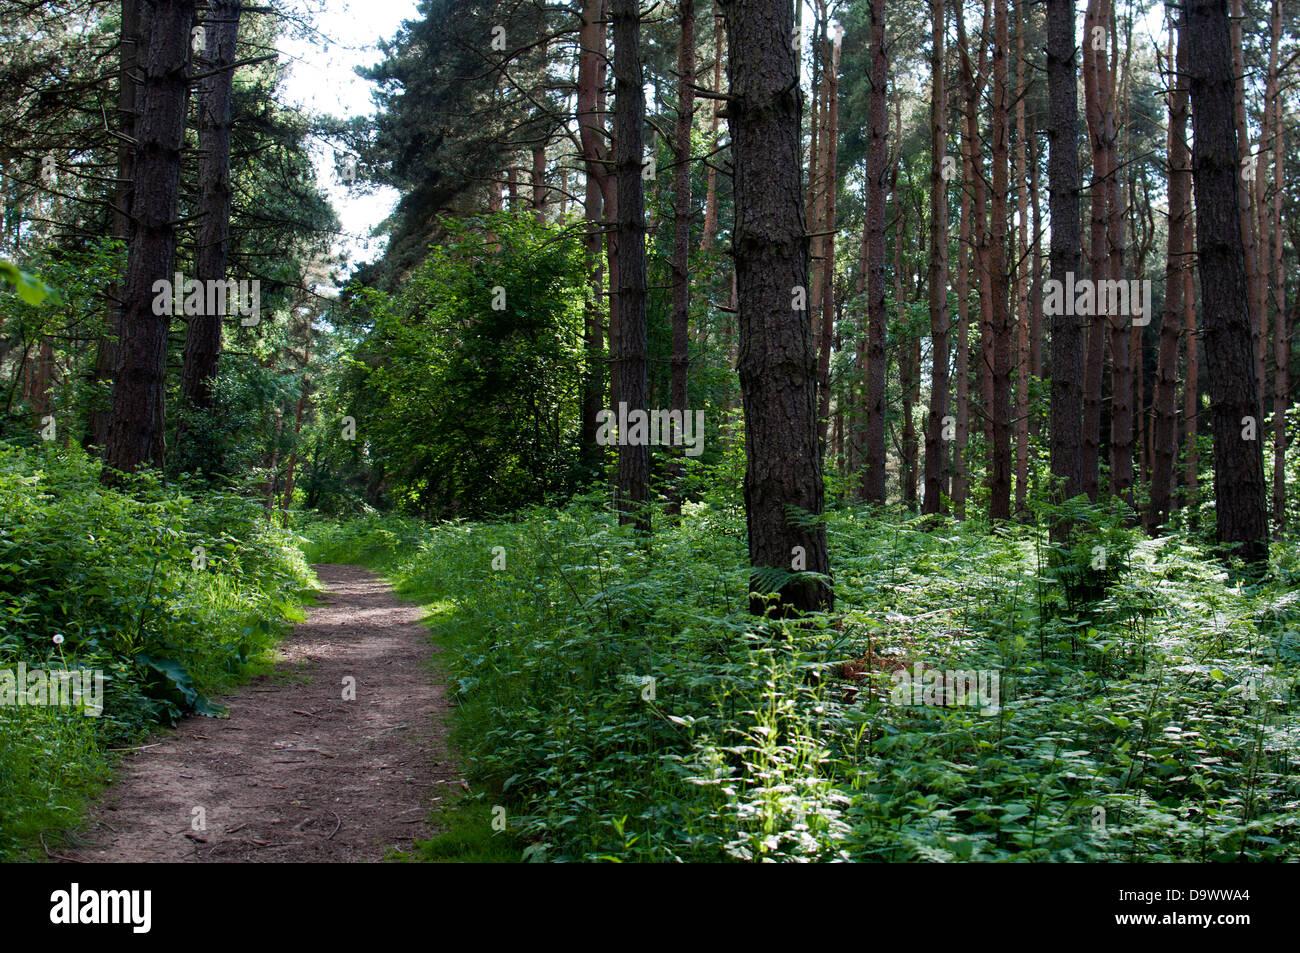 Oversley Wood, Warwickshire, UK - Stock Image